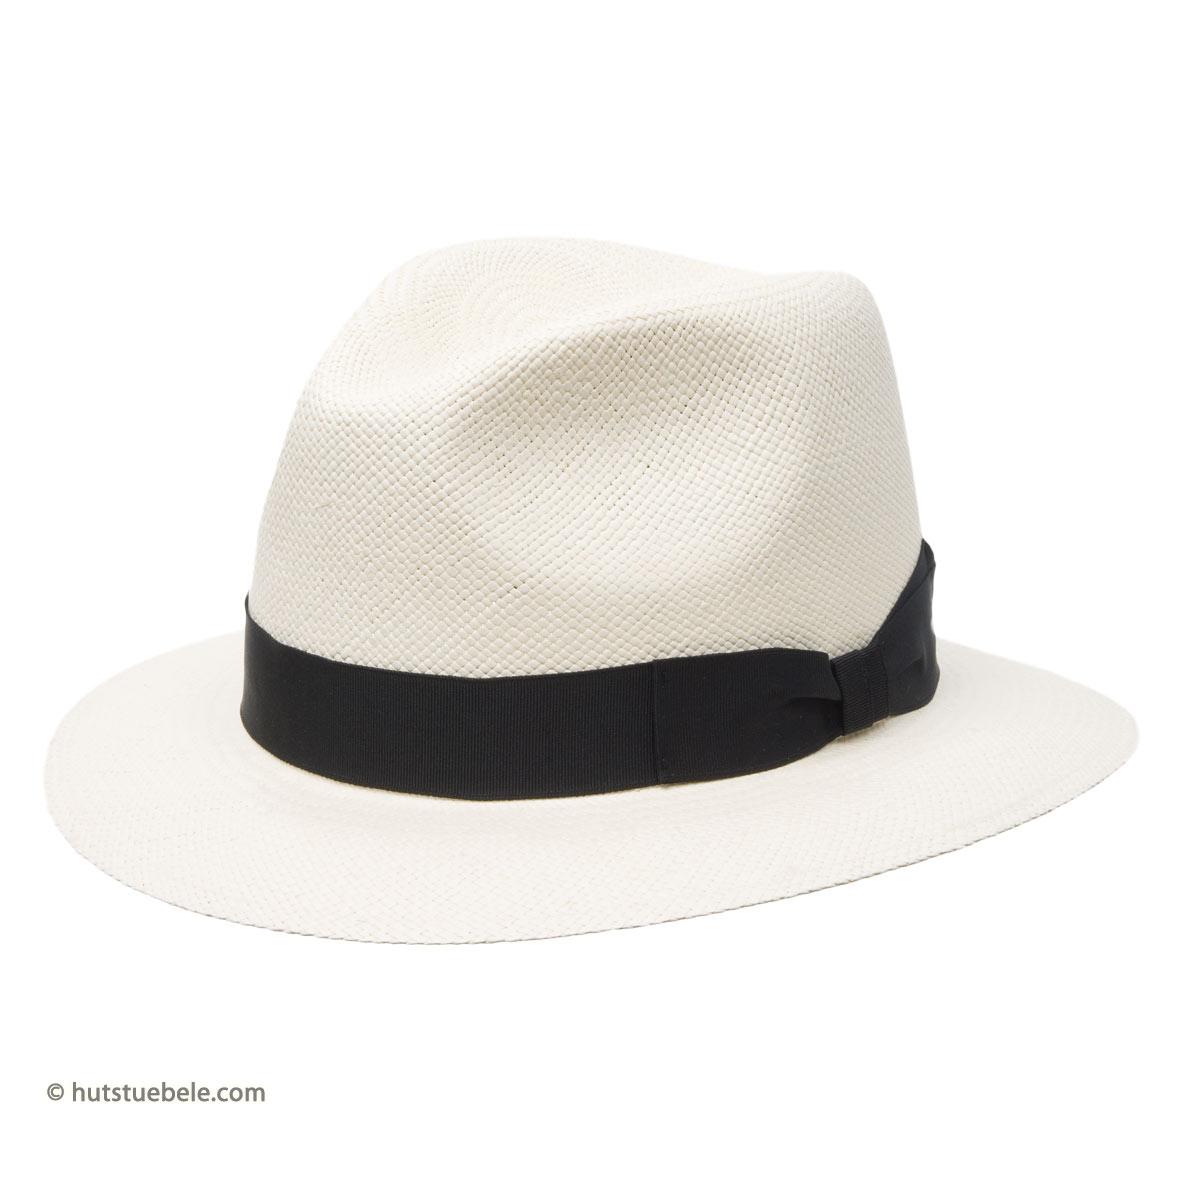 cappello PANAMA con guarnizione classica by HUTTER ... 4dab494350ac